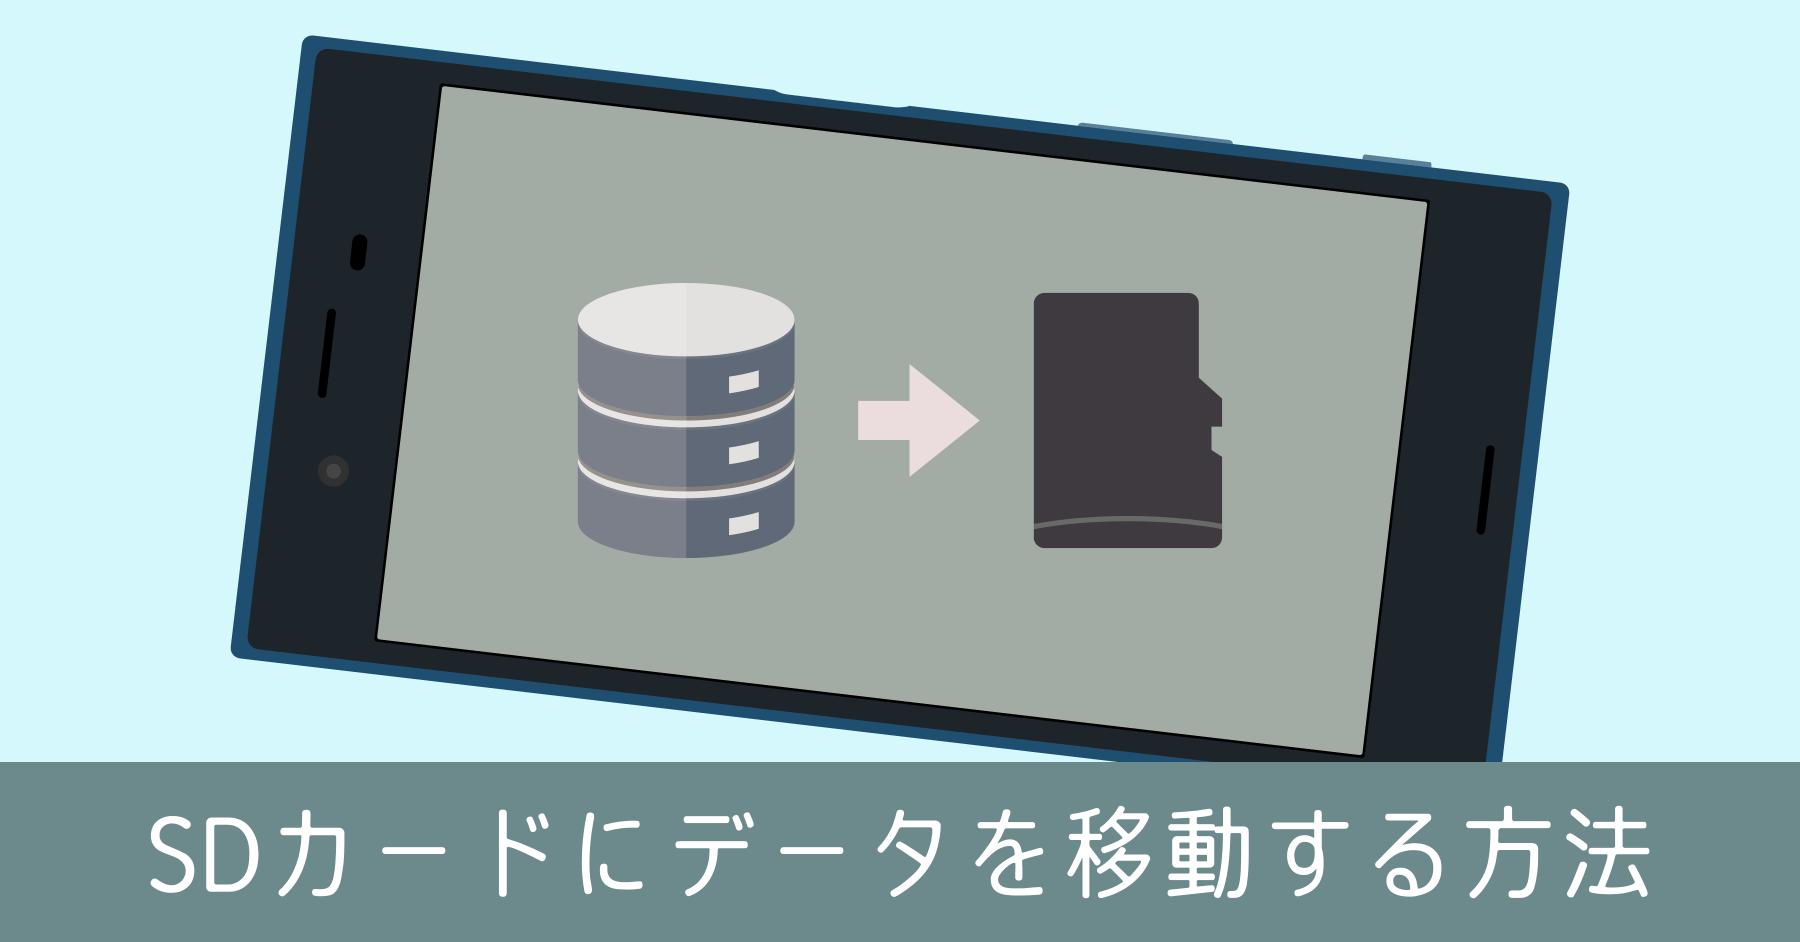 Android 本体のデータをSDカードへ移す方法